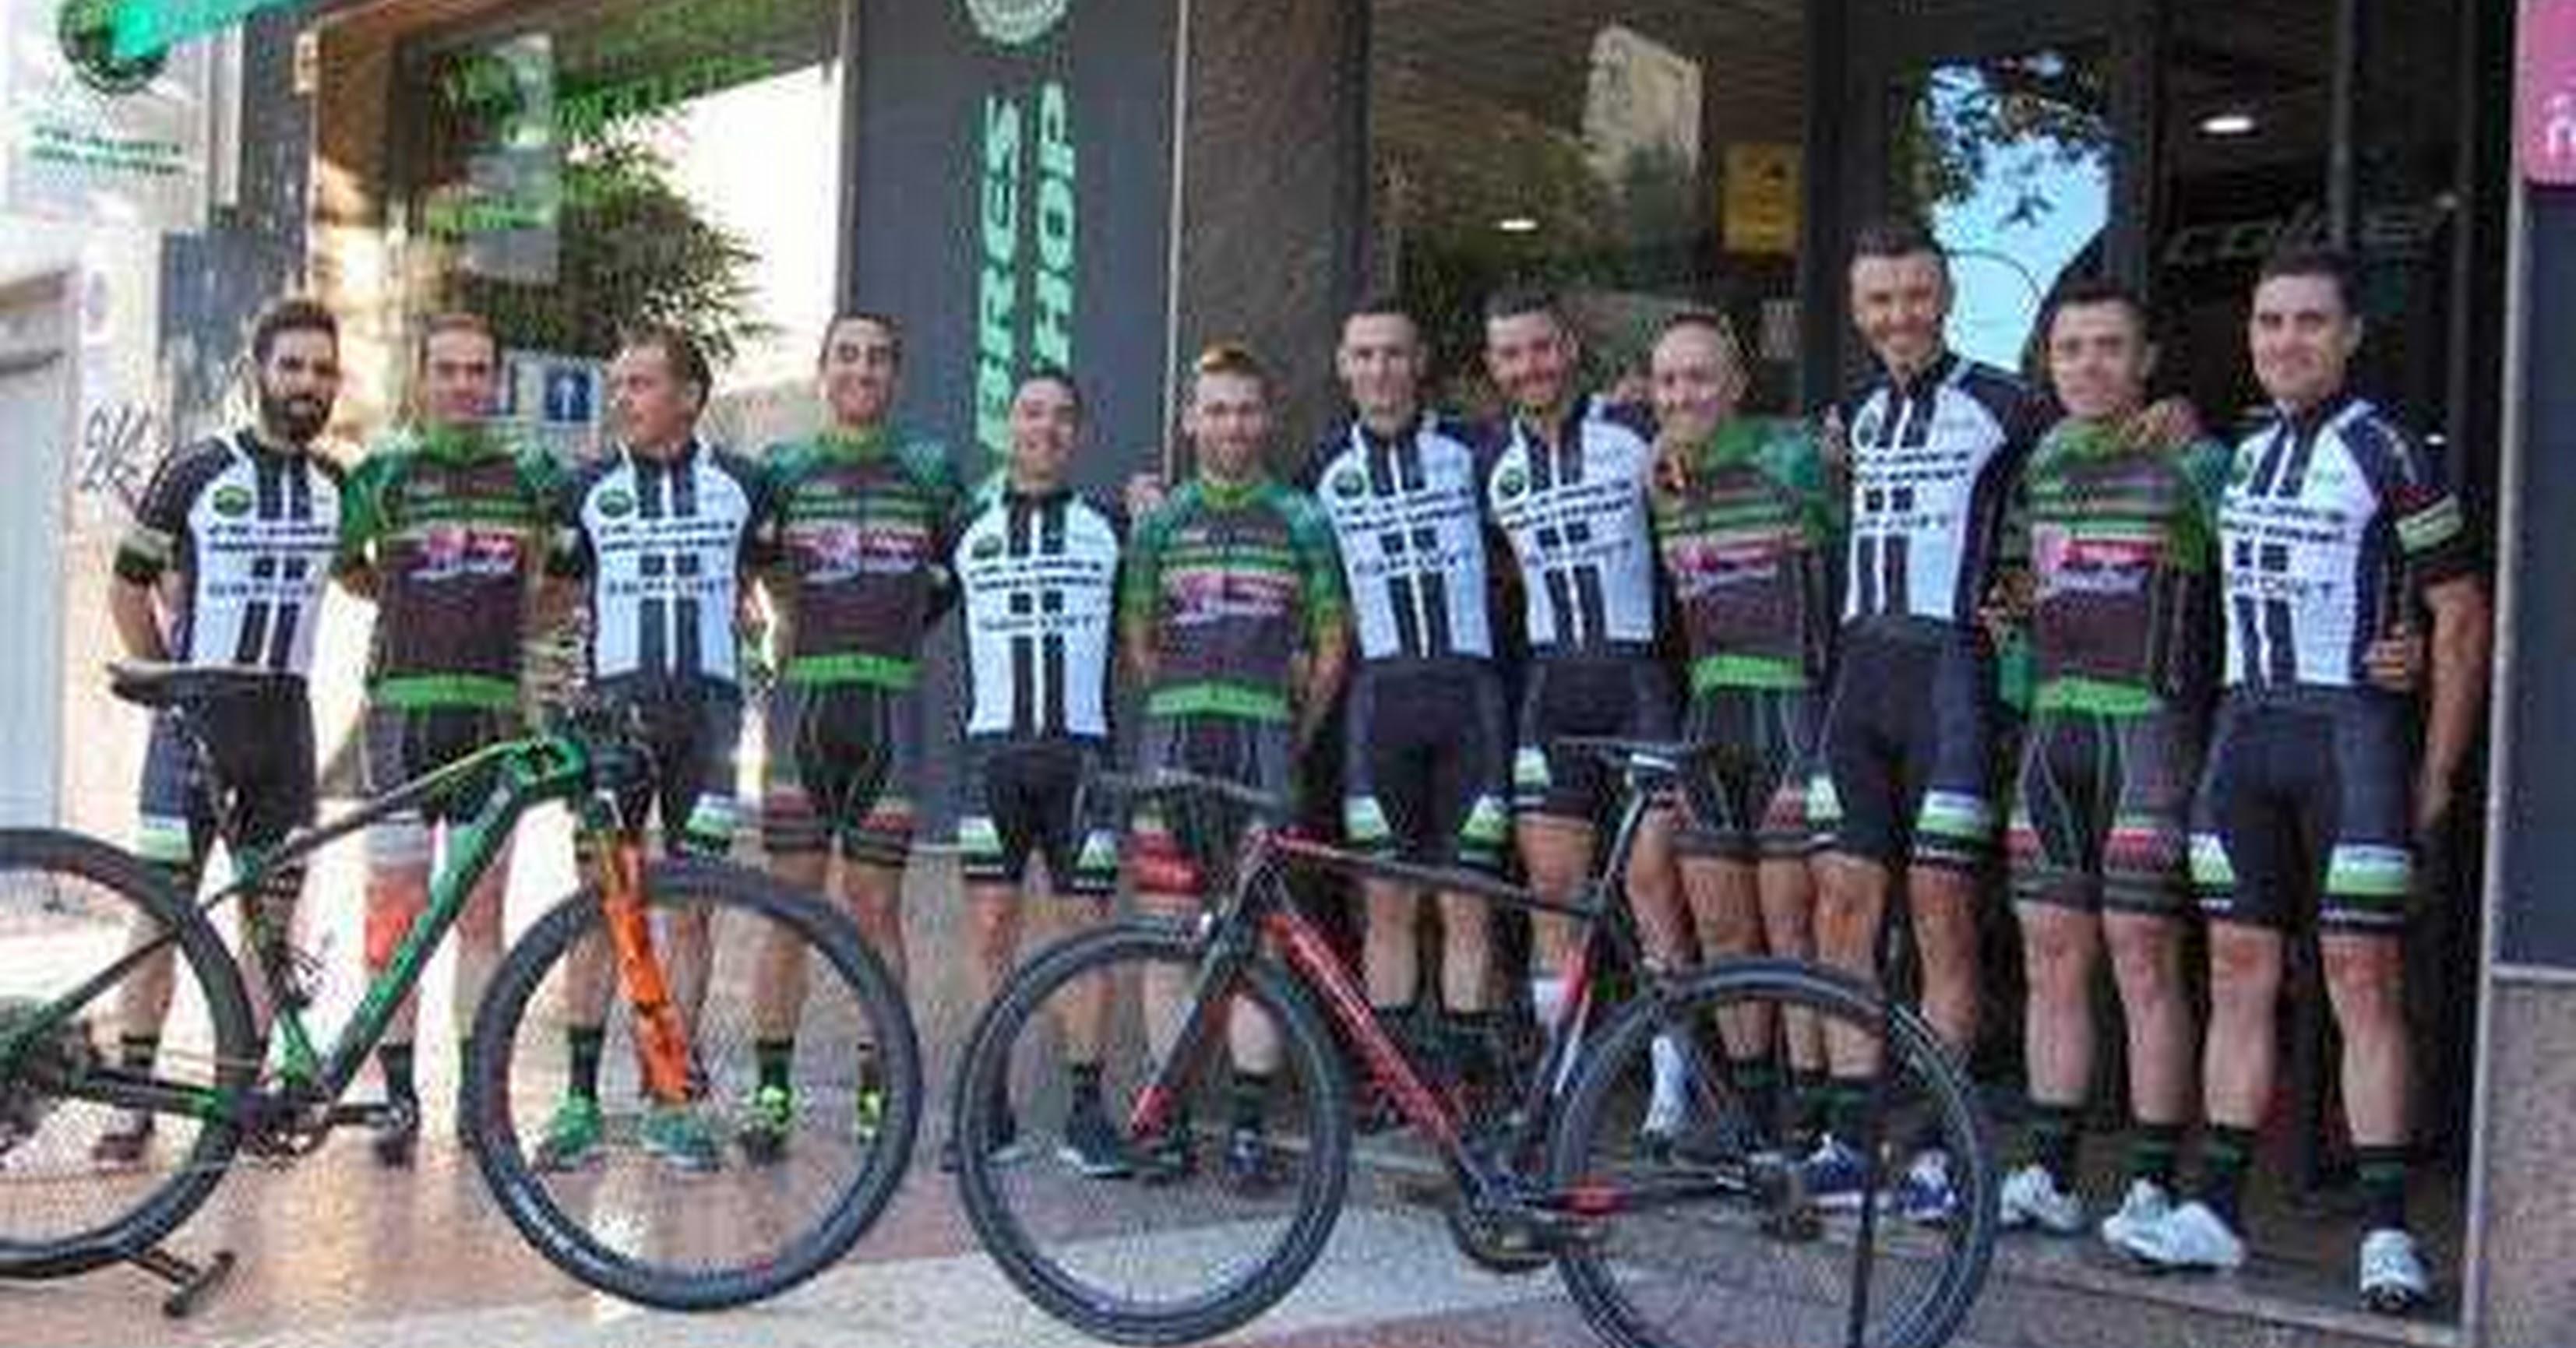 El equipo ciclista al completo.